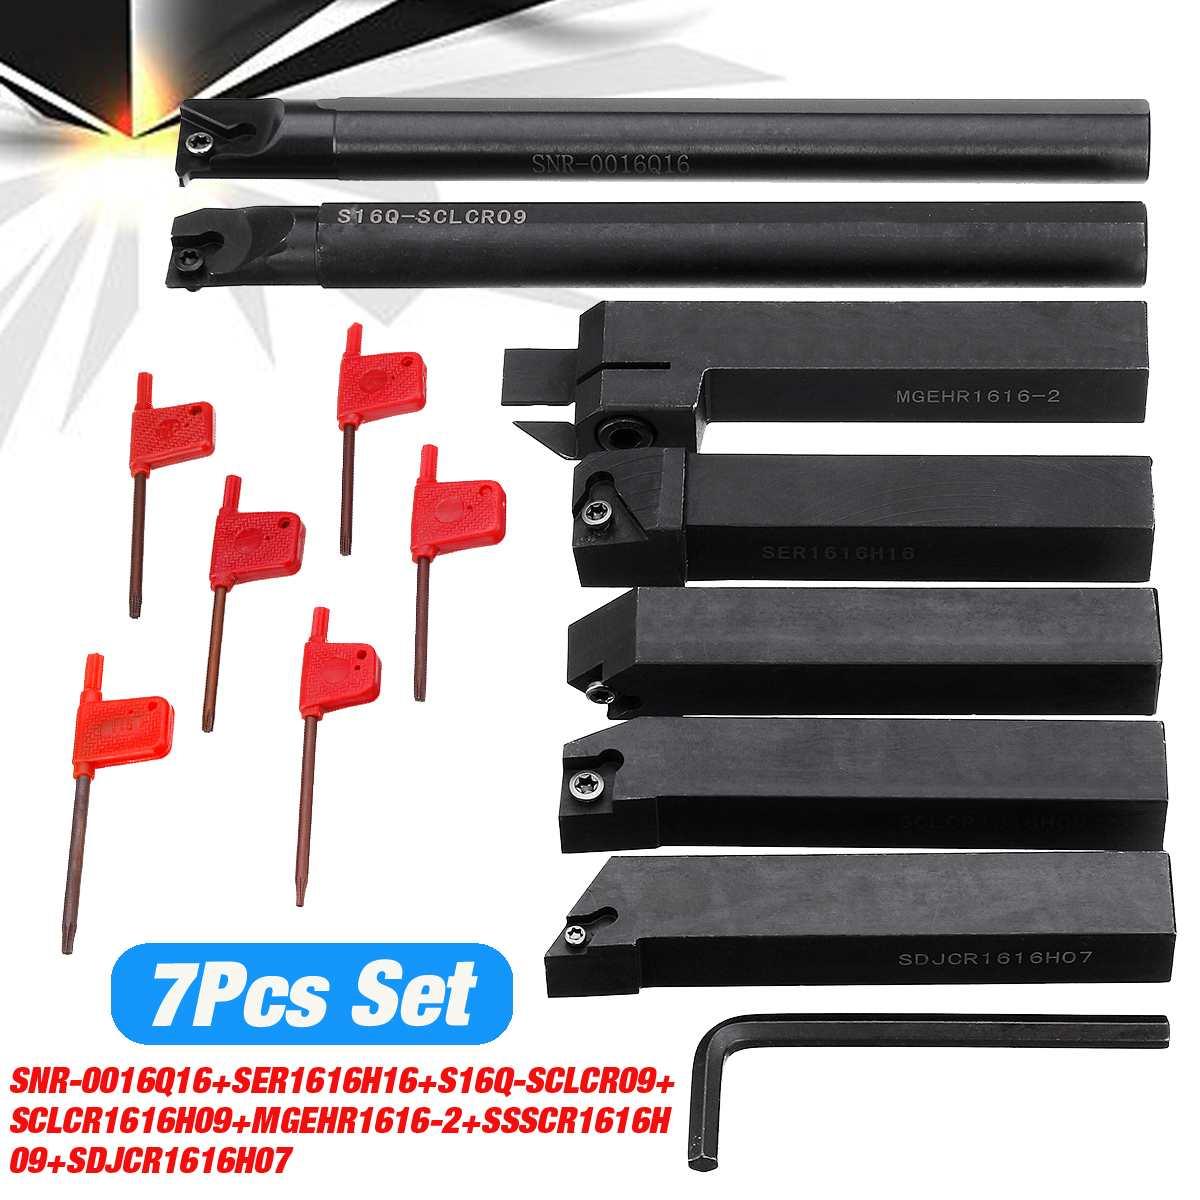 Nuovo 7 pz Set di 16mm Portautensili di Tornitura Boring Bar Utensili CNC Tornio di Taglio Cutter + T15 Chiavi